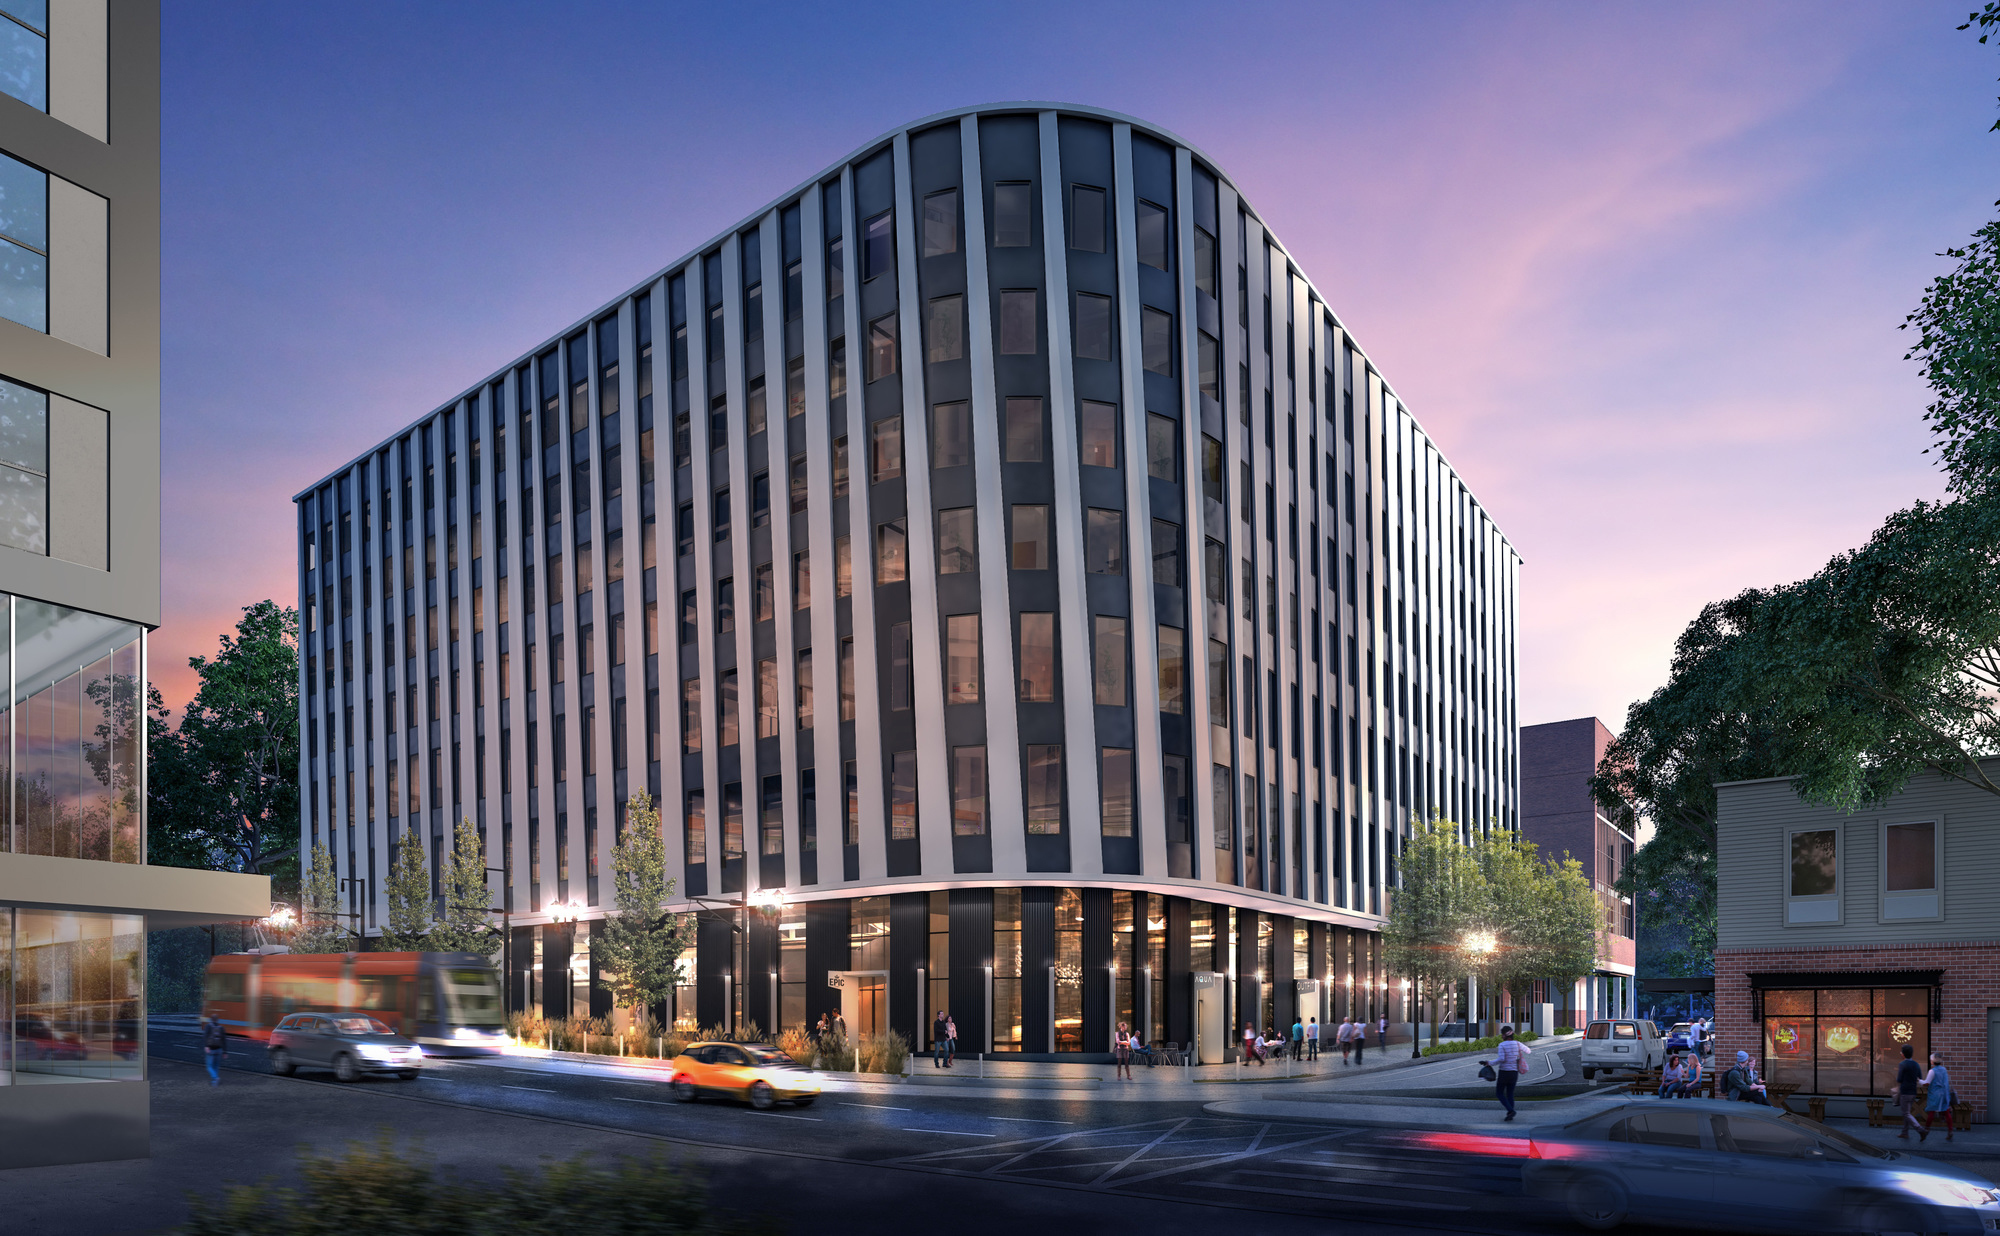 Rendering of New School of Public Health building